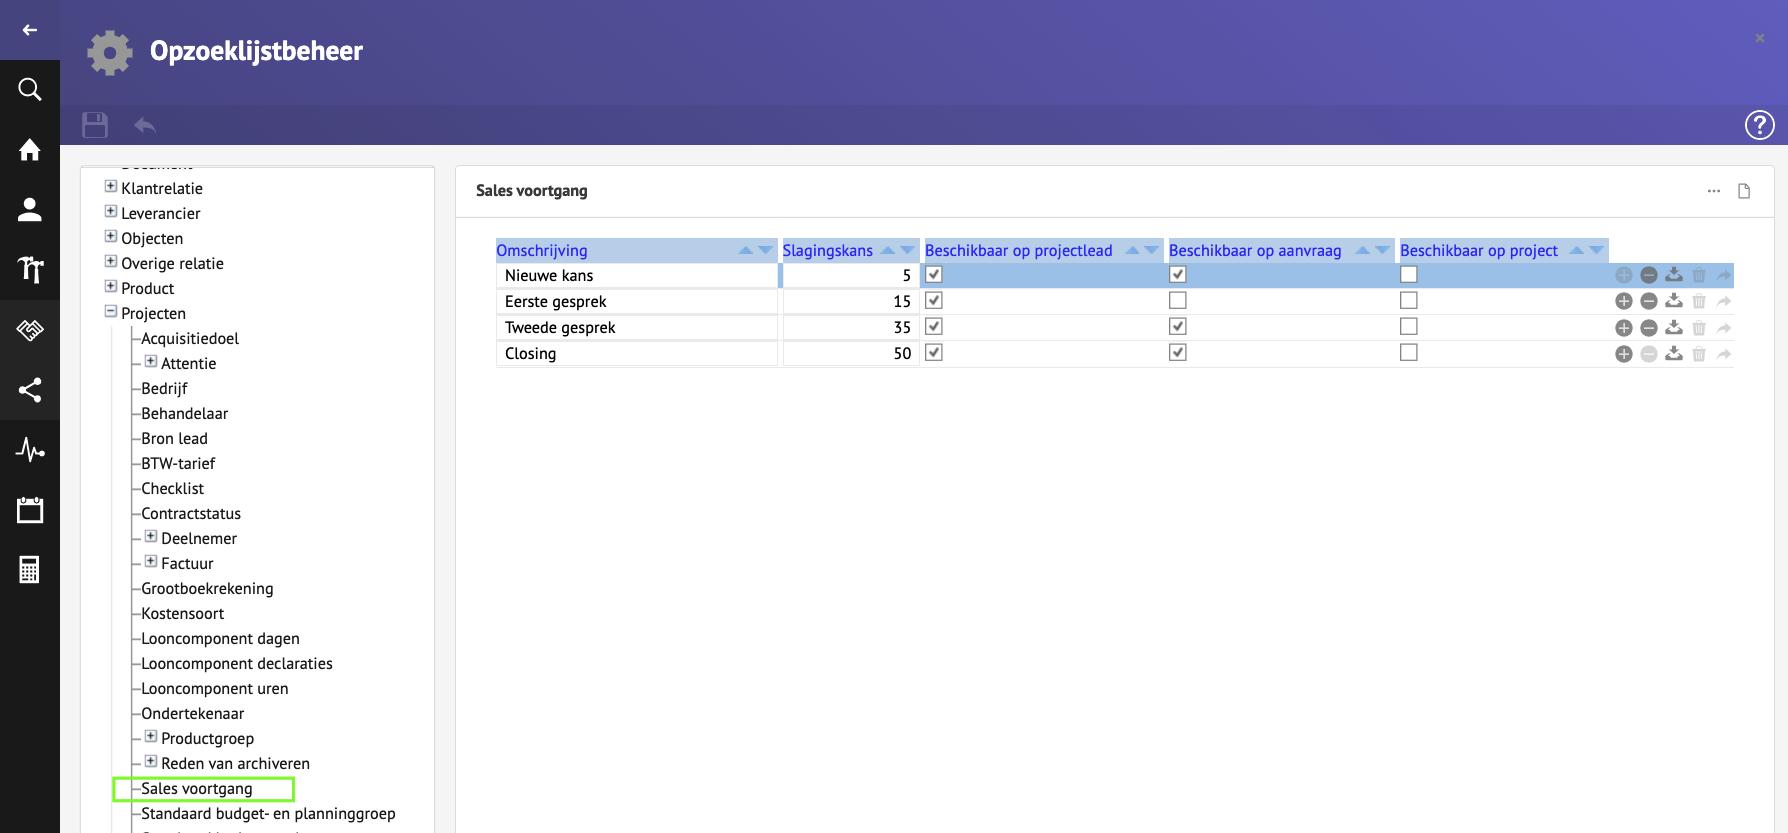 Opzoeklijstbeheer voor Sales funnel LIFT Software